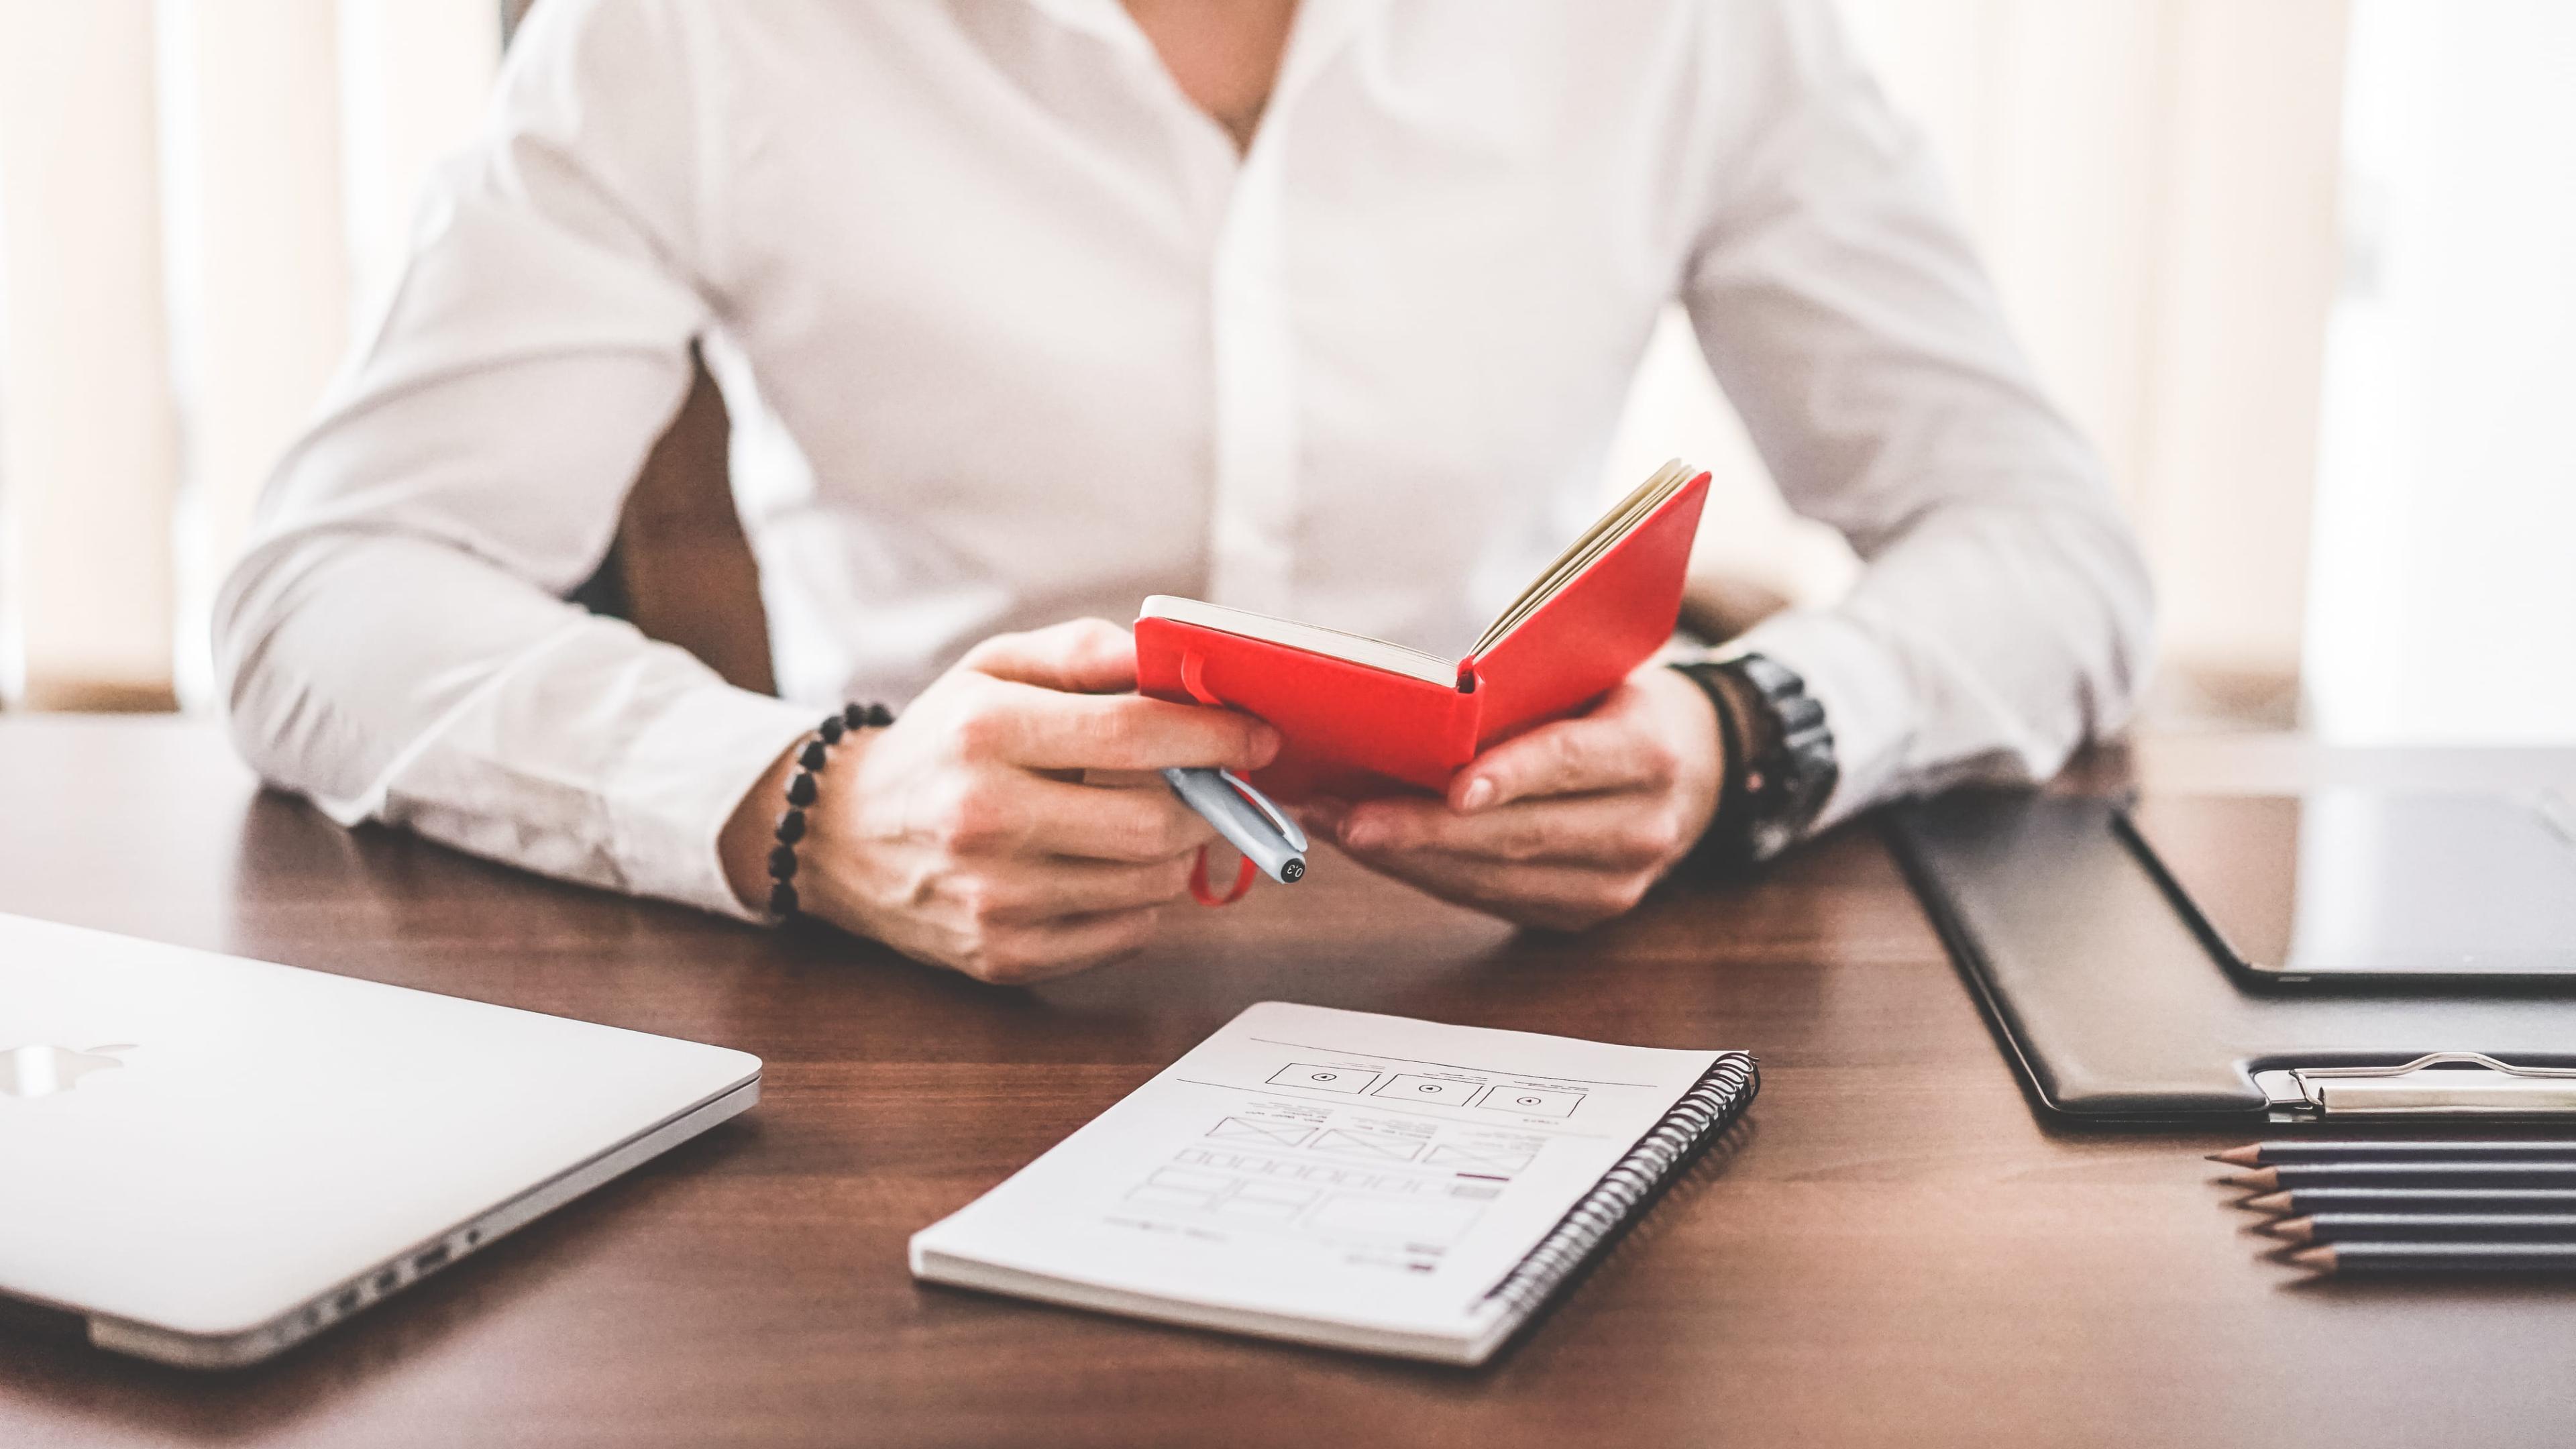 Топ блокнотов и записных книжек для бизнеса 2020